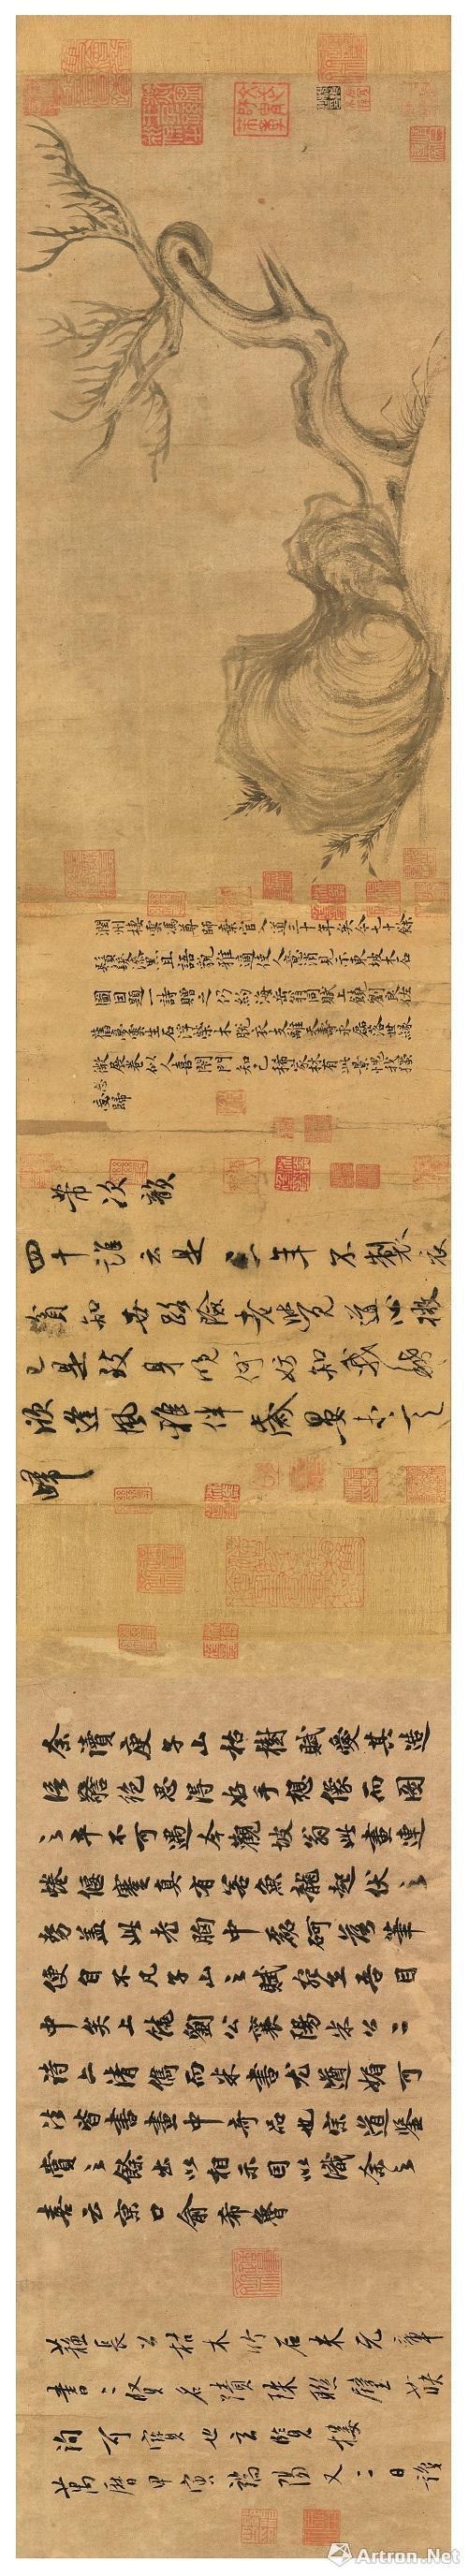 宋 苏轼 (1037-1101) 《木石图》水墨纸本  手卷 27.2x543cm